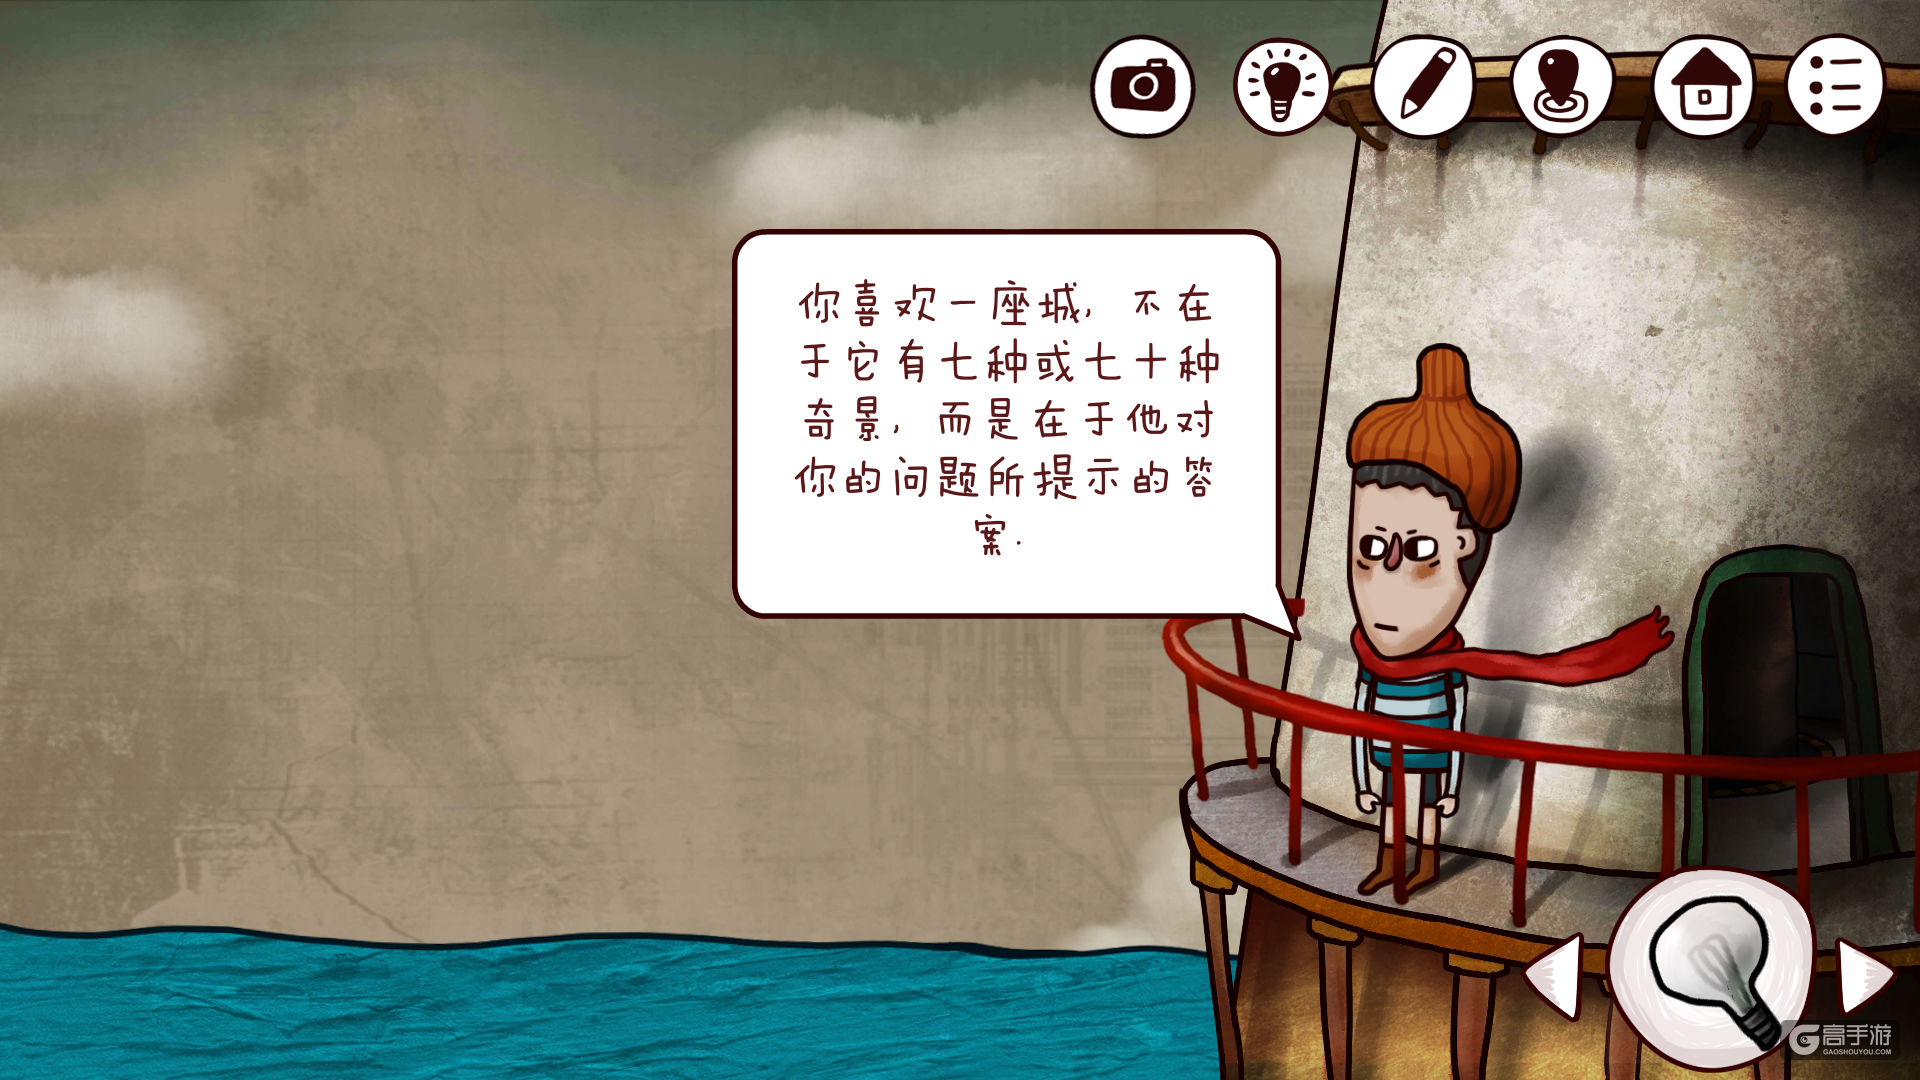 《迷失岛2:时间的灰烬》评测:年度最佳解谜神作,神秘小岛潜藏的古老秘密等你探寻!